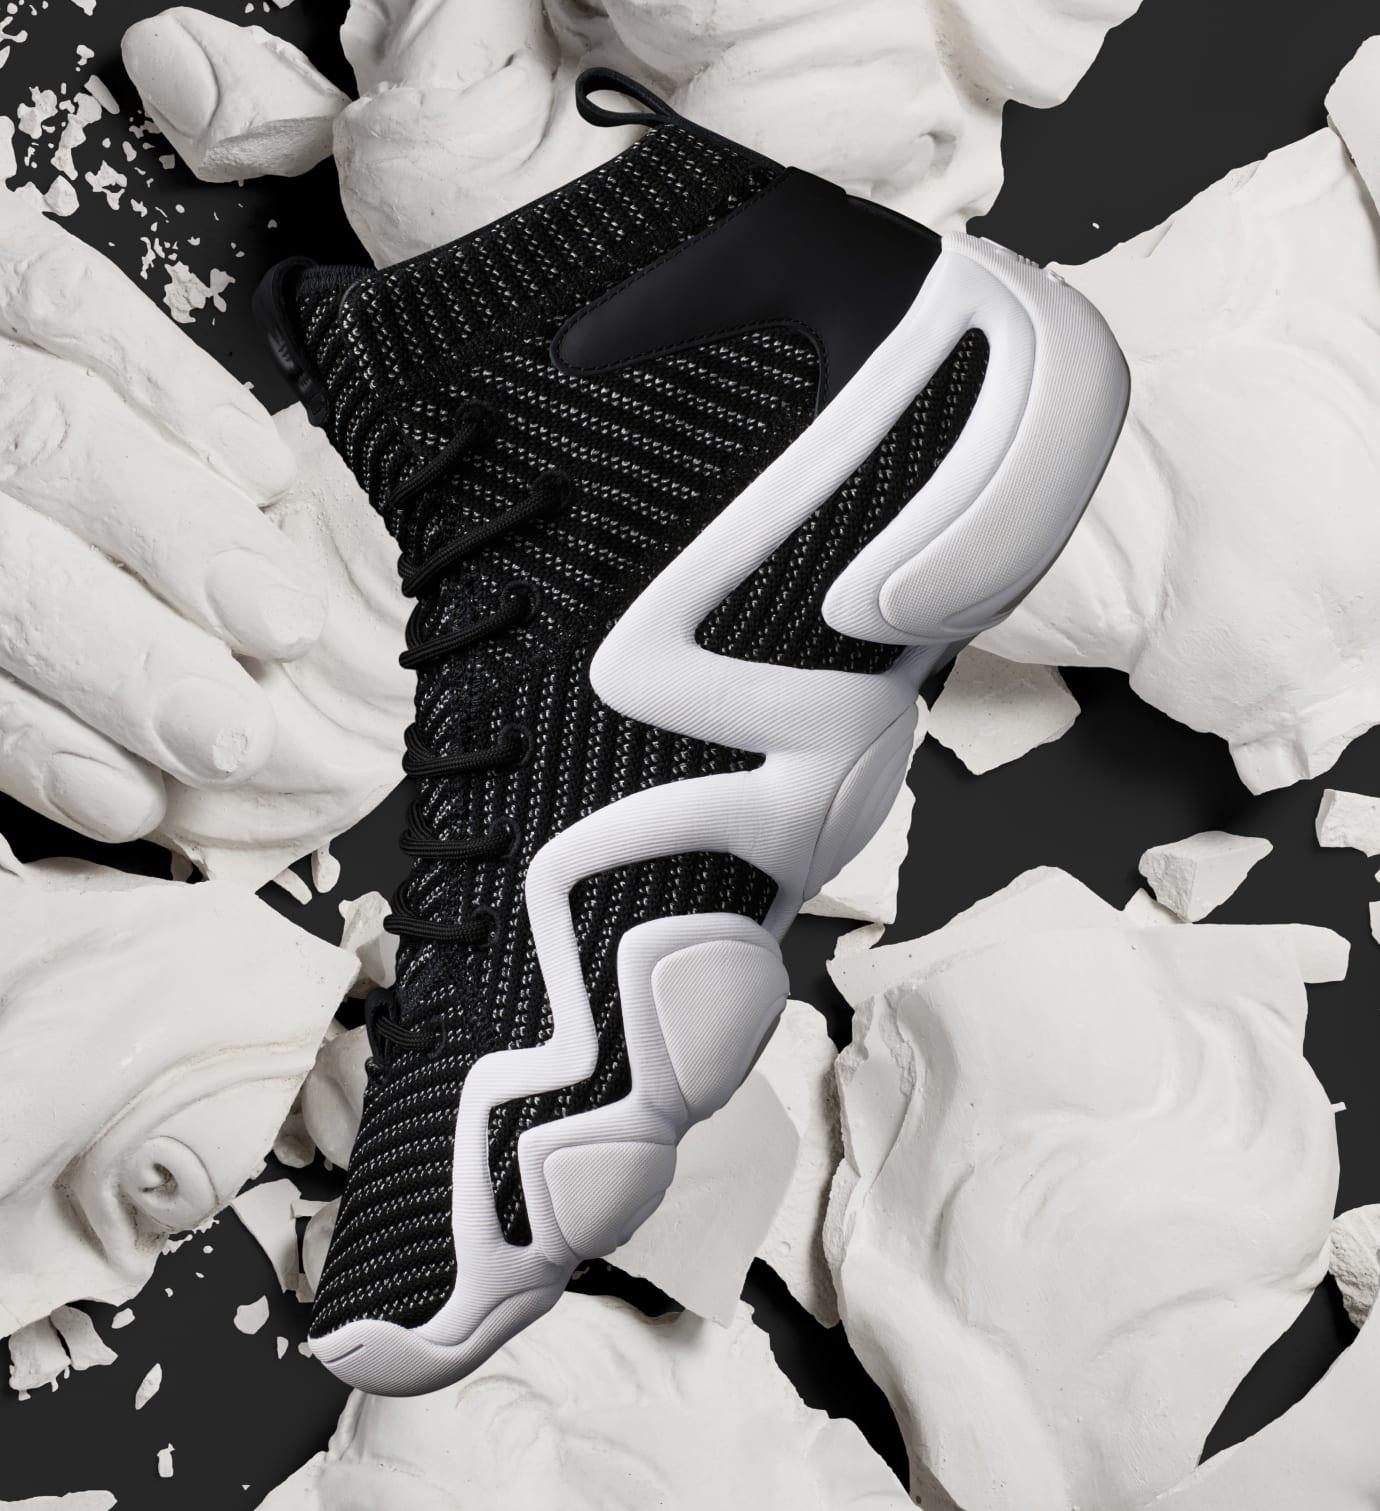 Adidas Crazy 8 ADV Lusso 1